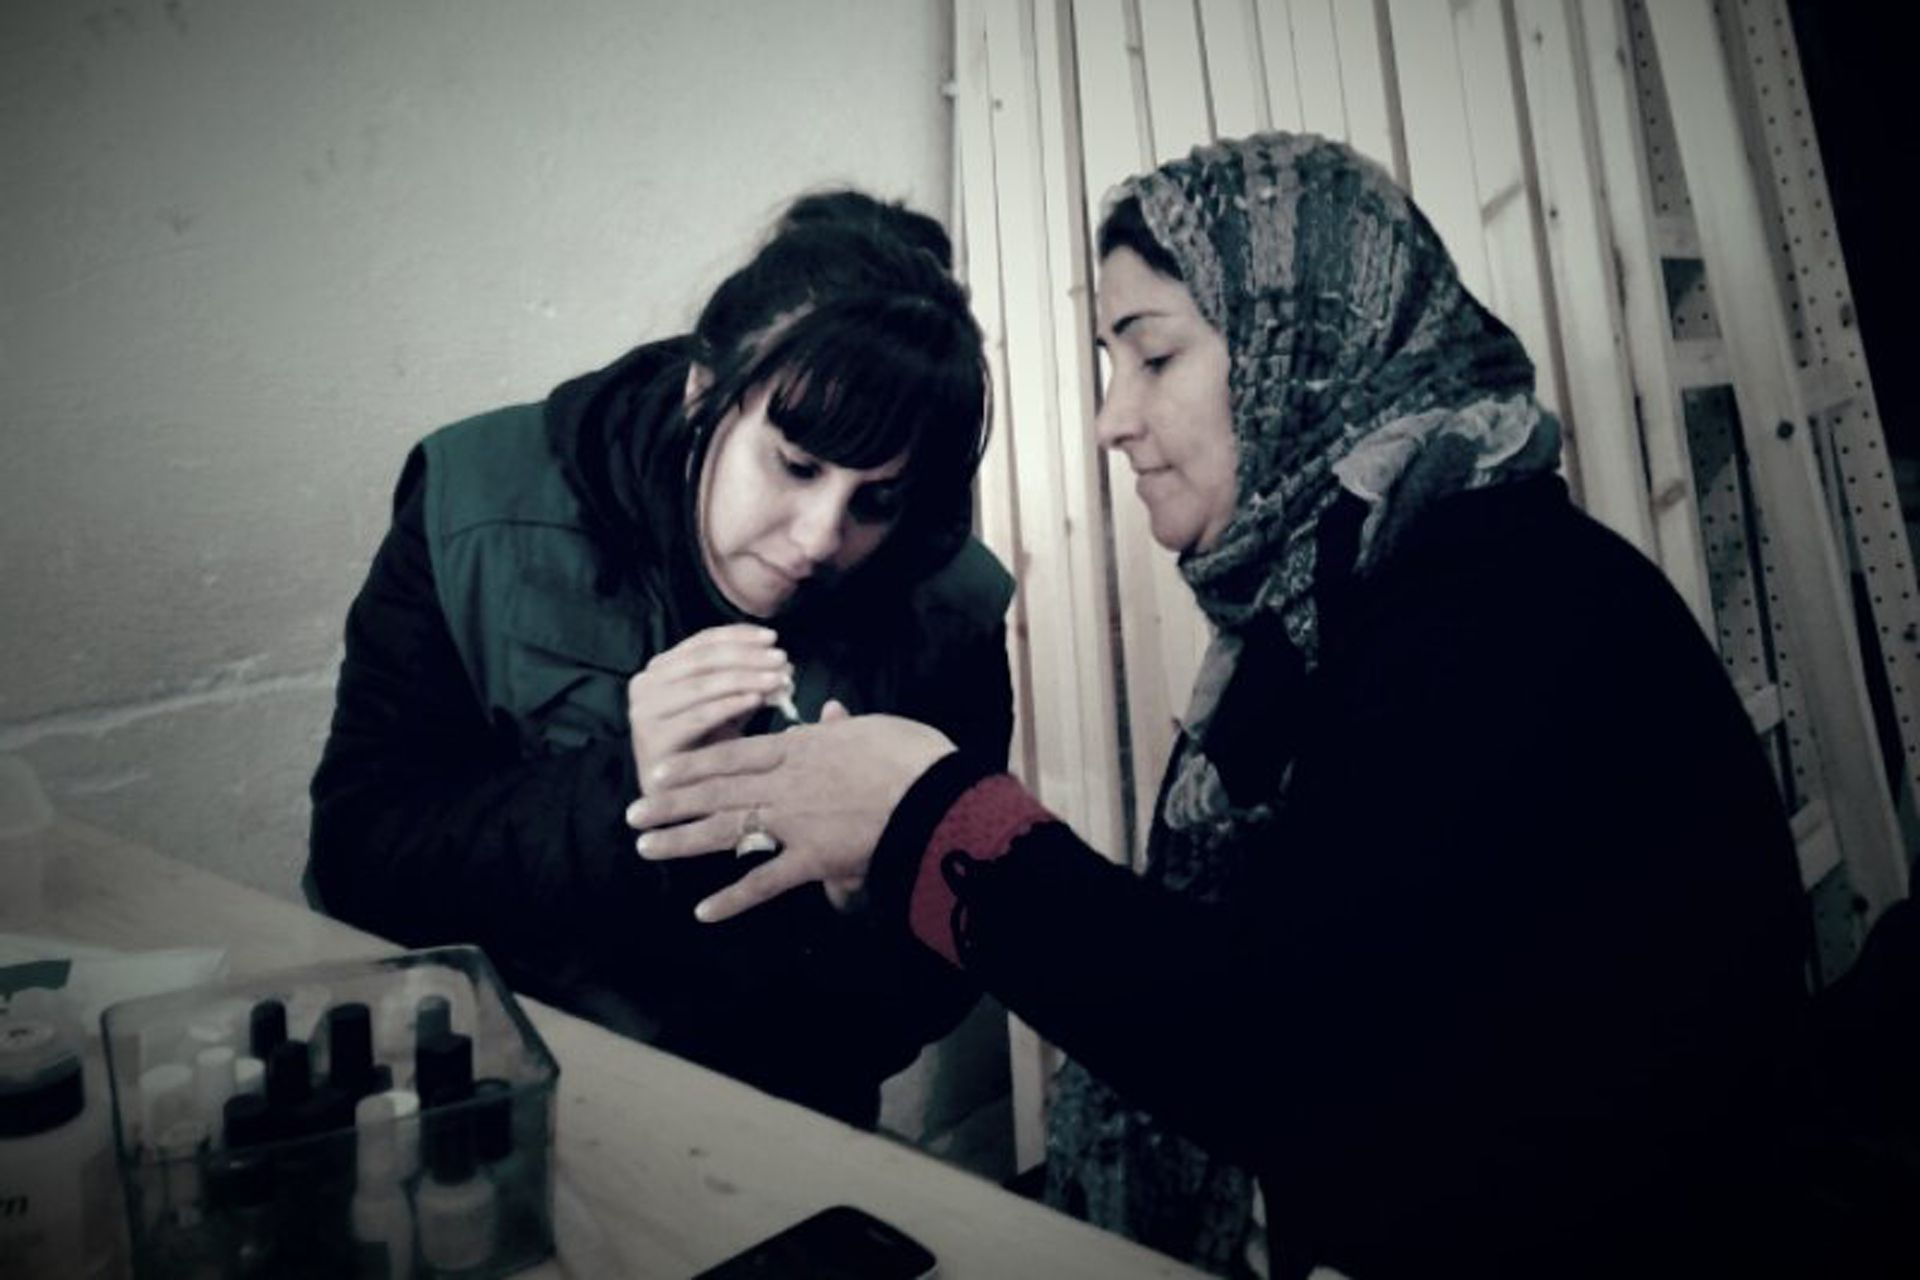 A través del cuidado estético, las mujeres refugiadas fueron creando fuertes lazos de amistad